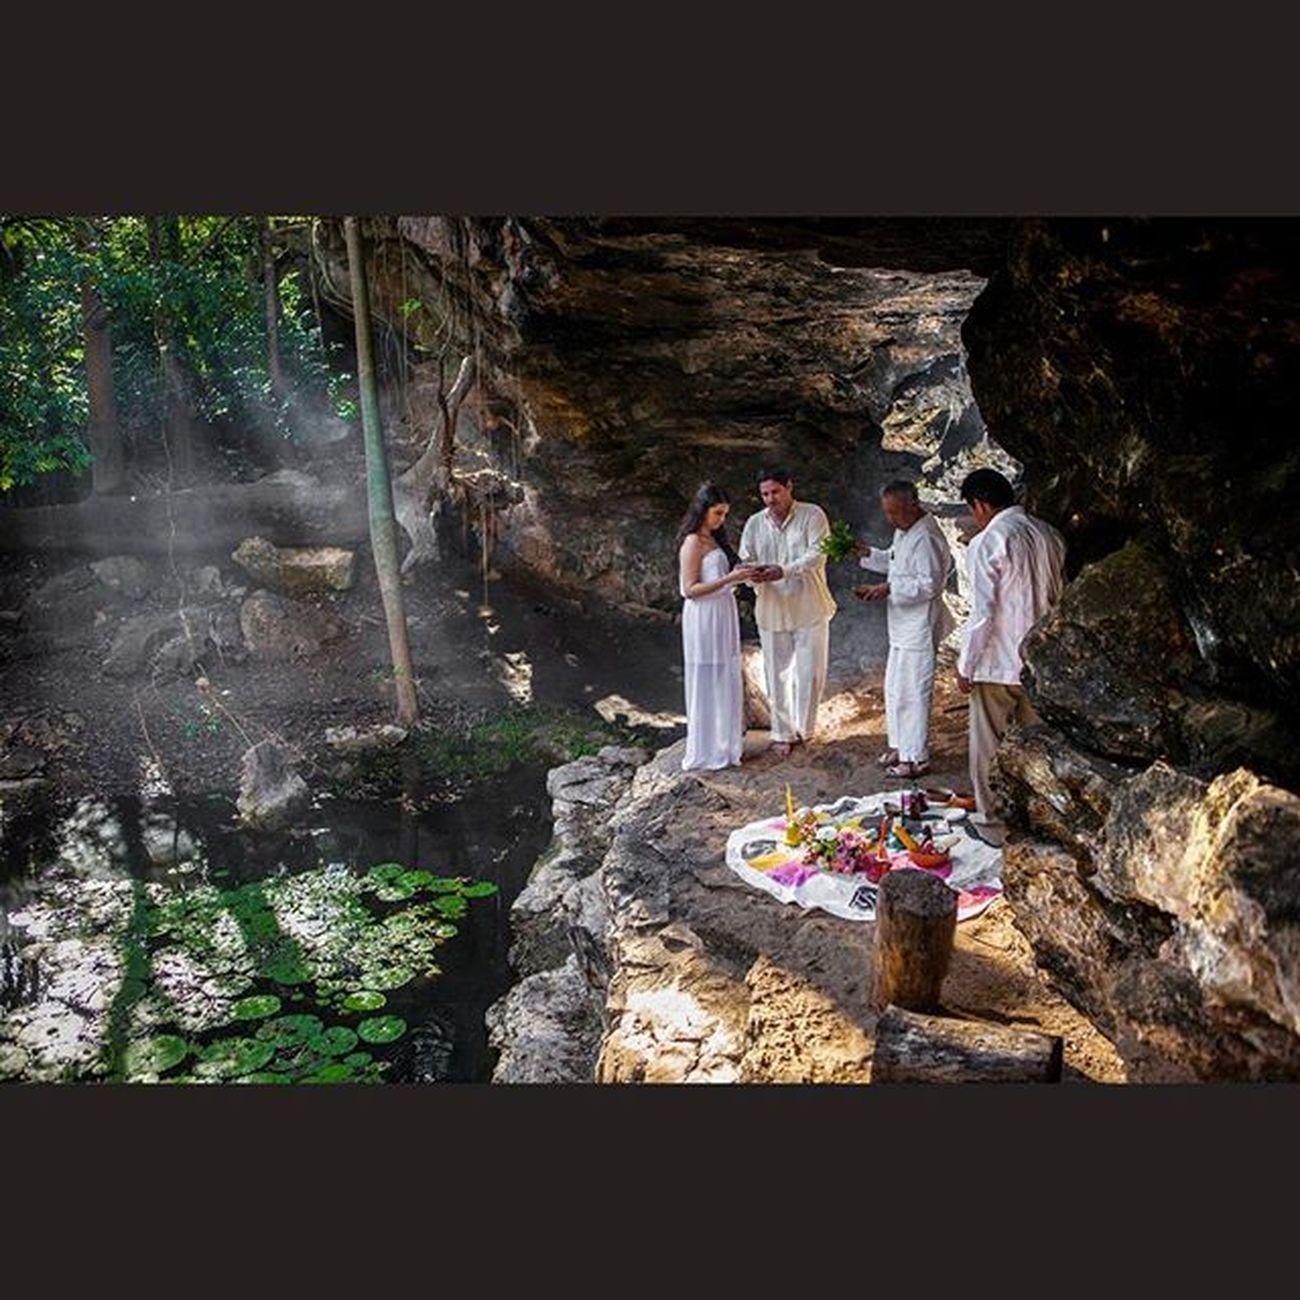 Canon Canon_official Canon_photos Canon5D Fotografo Foto Fotografia Rocafografia Tdt Mexicomagico Mérida Weddingseason Weddingphotographer Wedding Amor Bodas Boda Cenote Amor Novia Novio Boda Bodas Amor